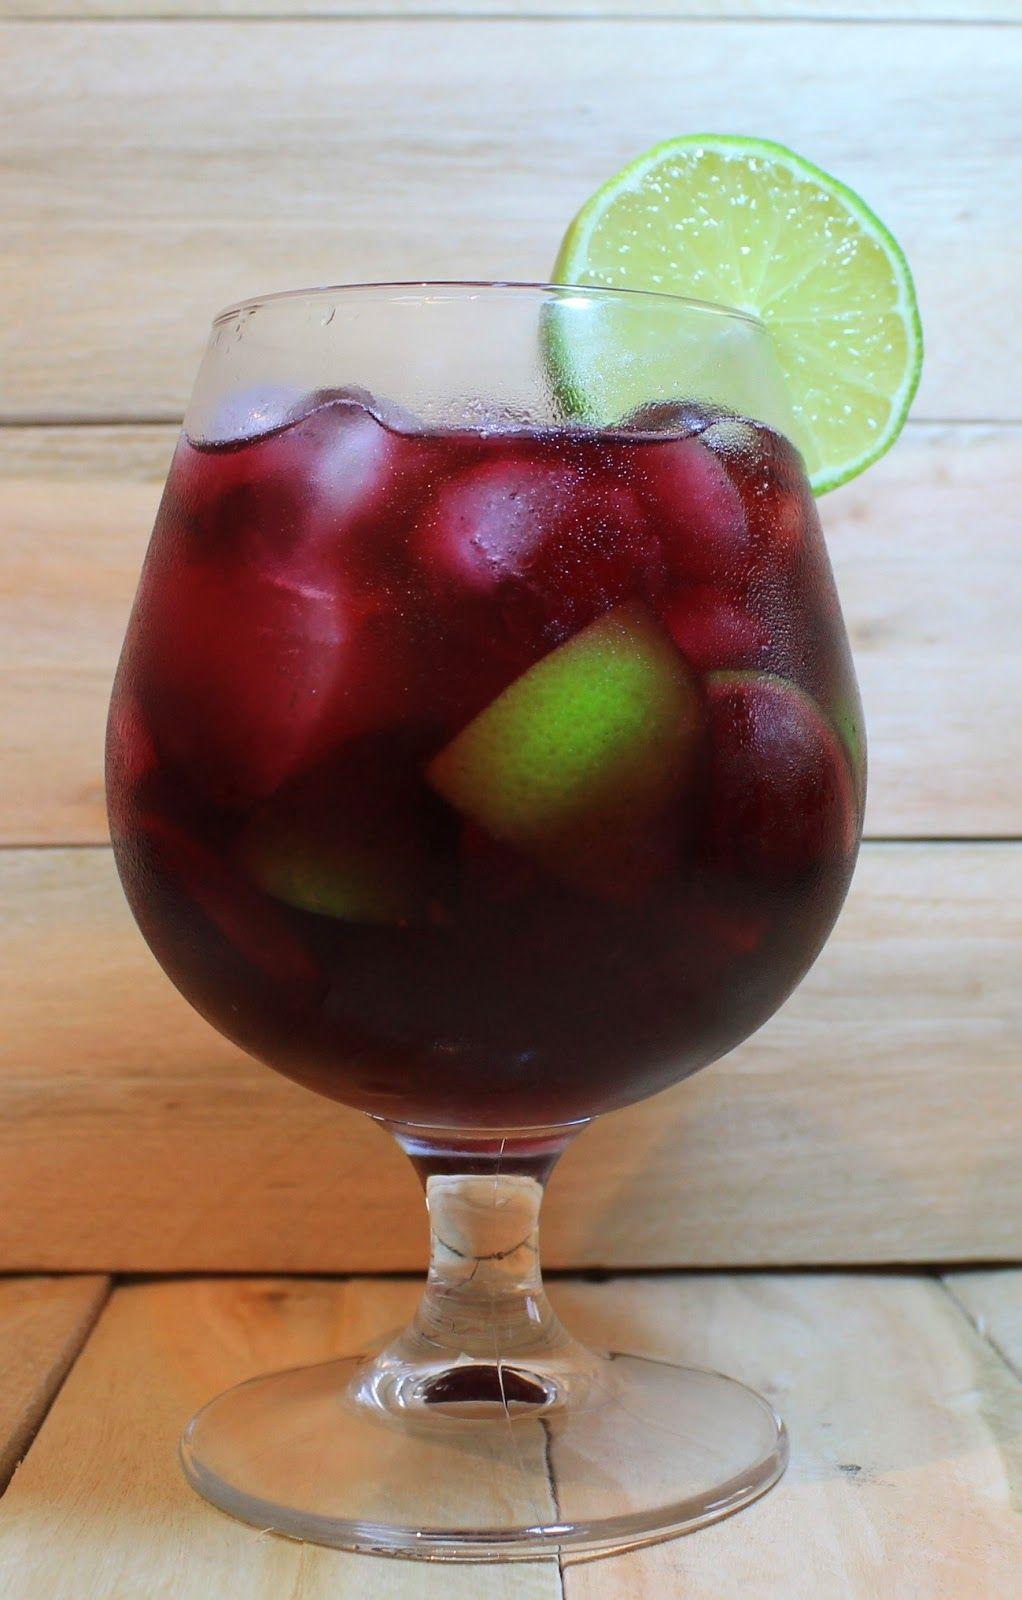 Degusta Terapia Caipirinha De Vinho Drinks Receitas Receitas De Bebidas Receitas